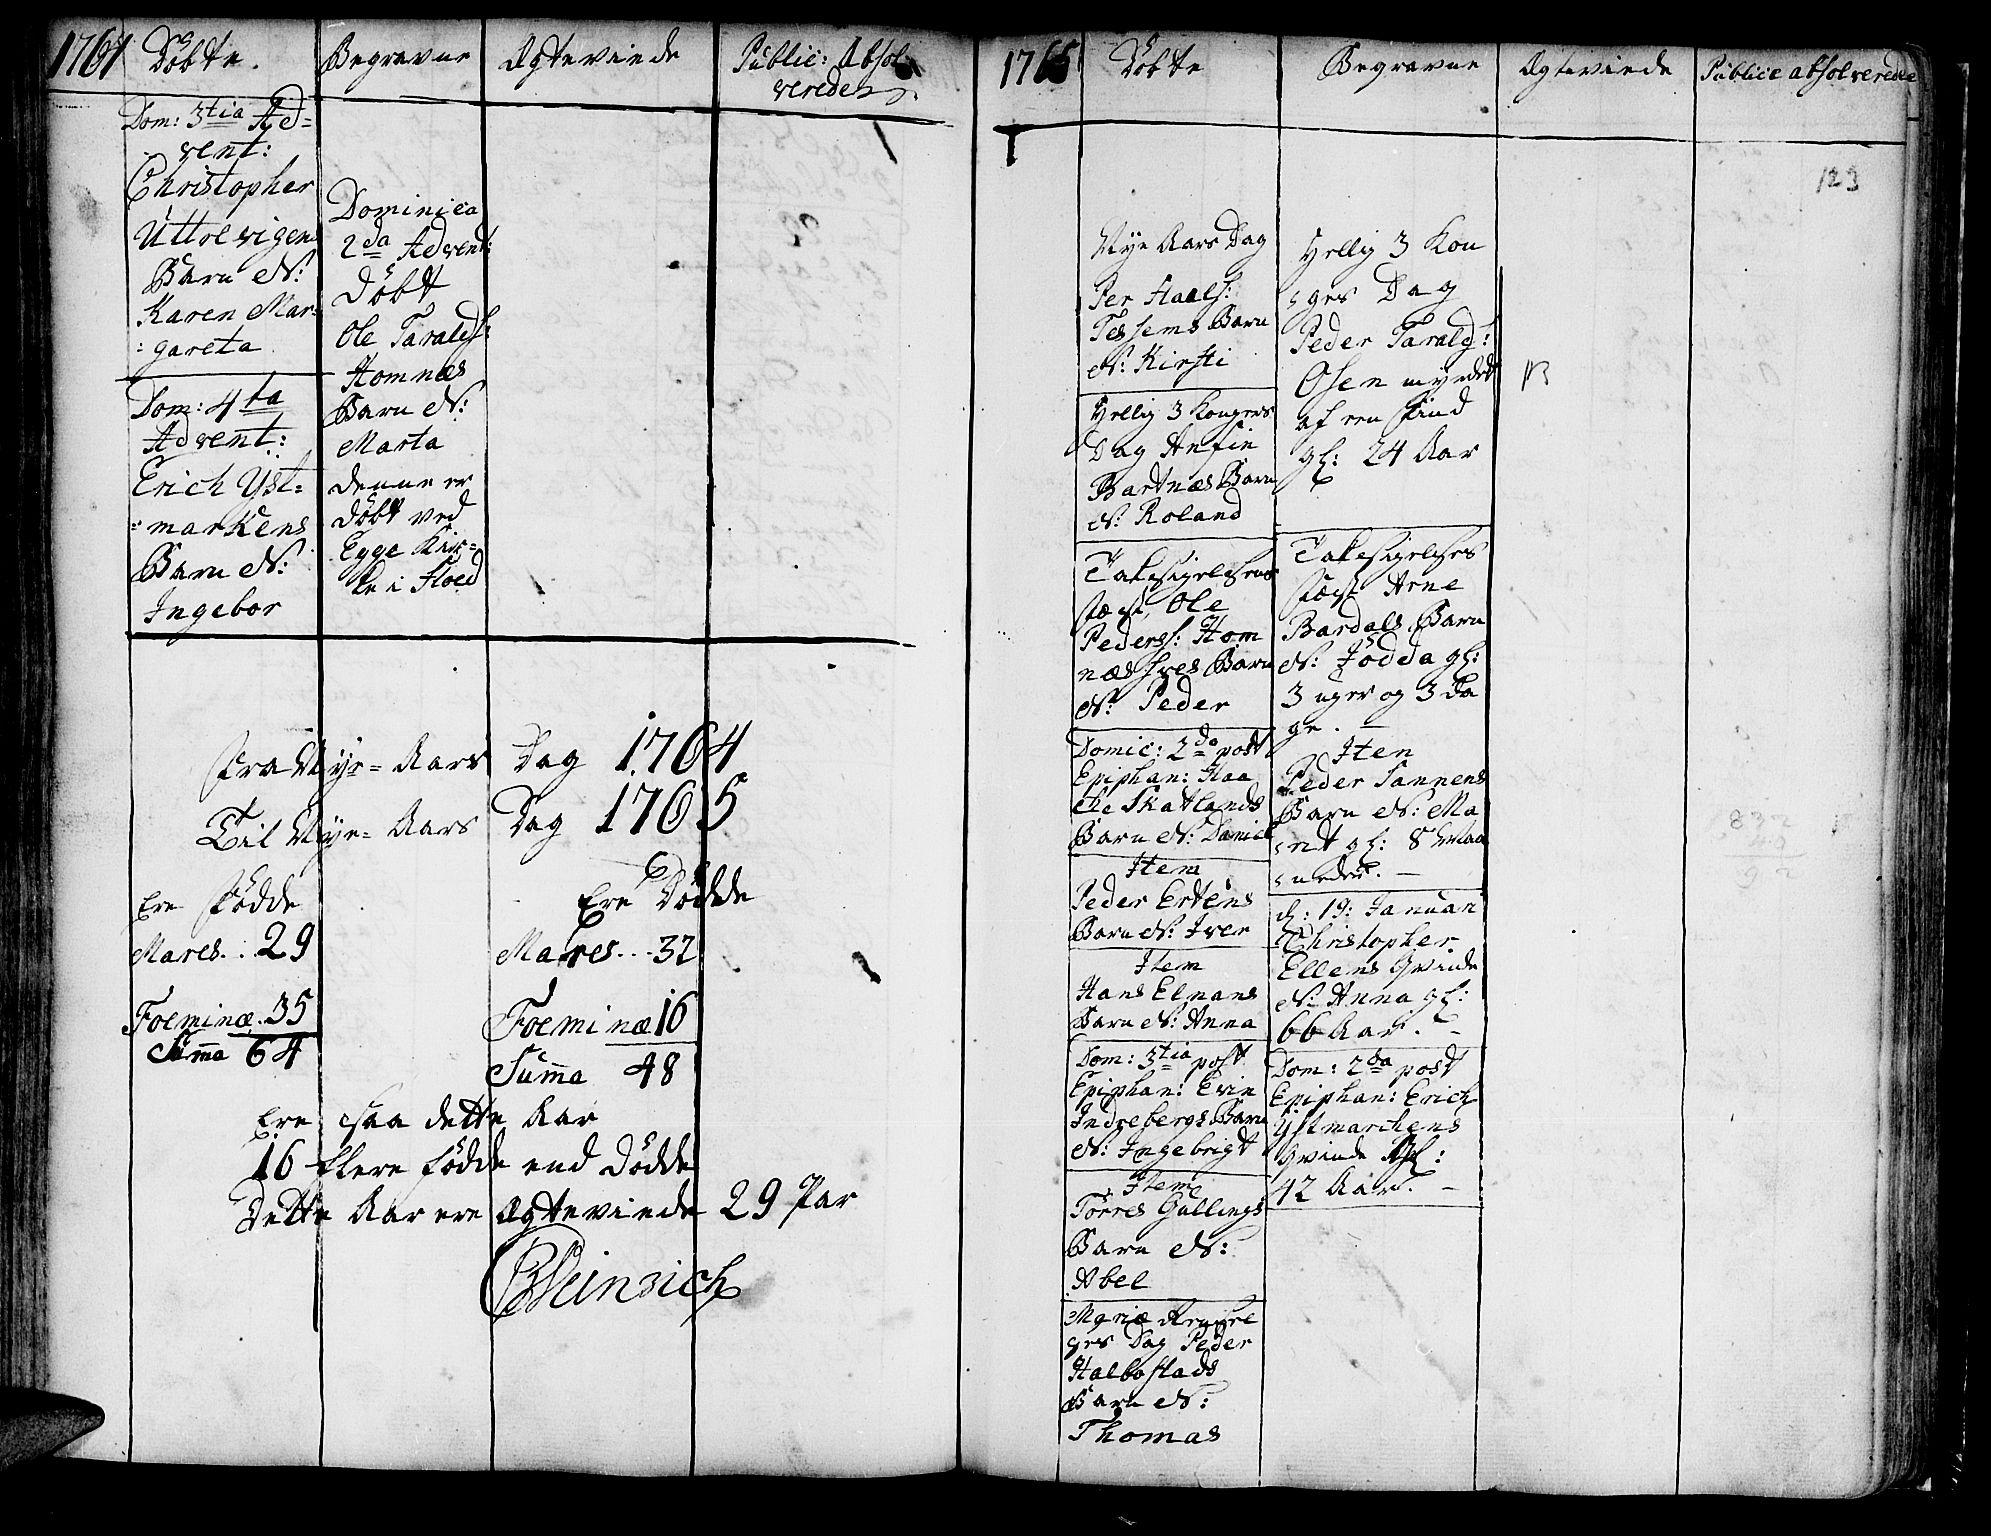 SAT, Ministerialprotokoller, klokkerbøker og fødselsregistre - Nord-Trøndelag, 741/L0385: Ministerialbok nr. 741A01, 1722-1815, s. 123